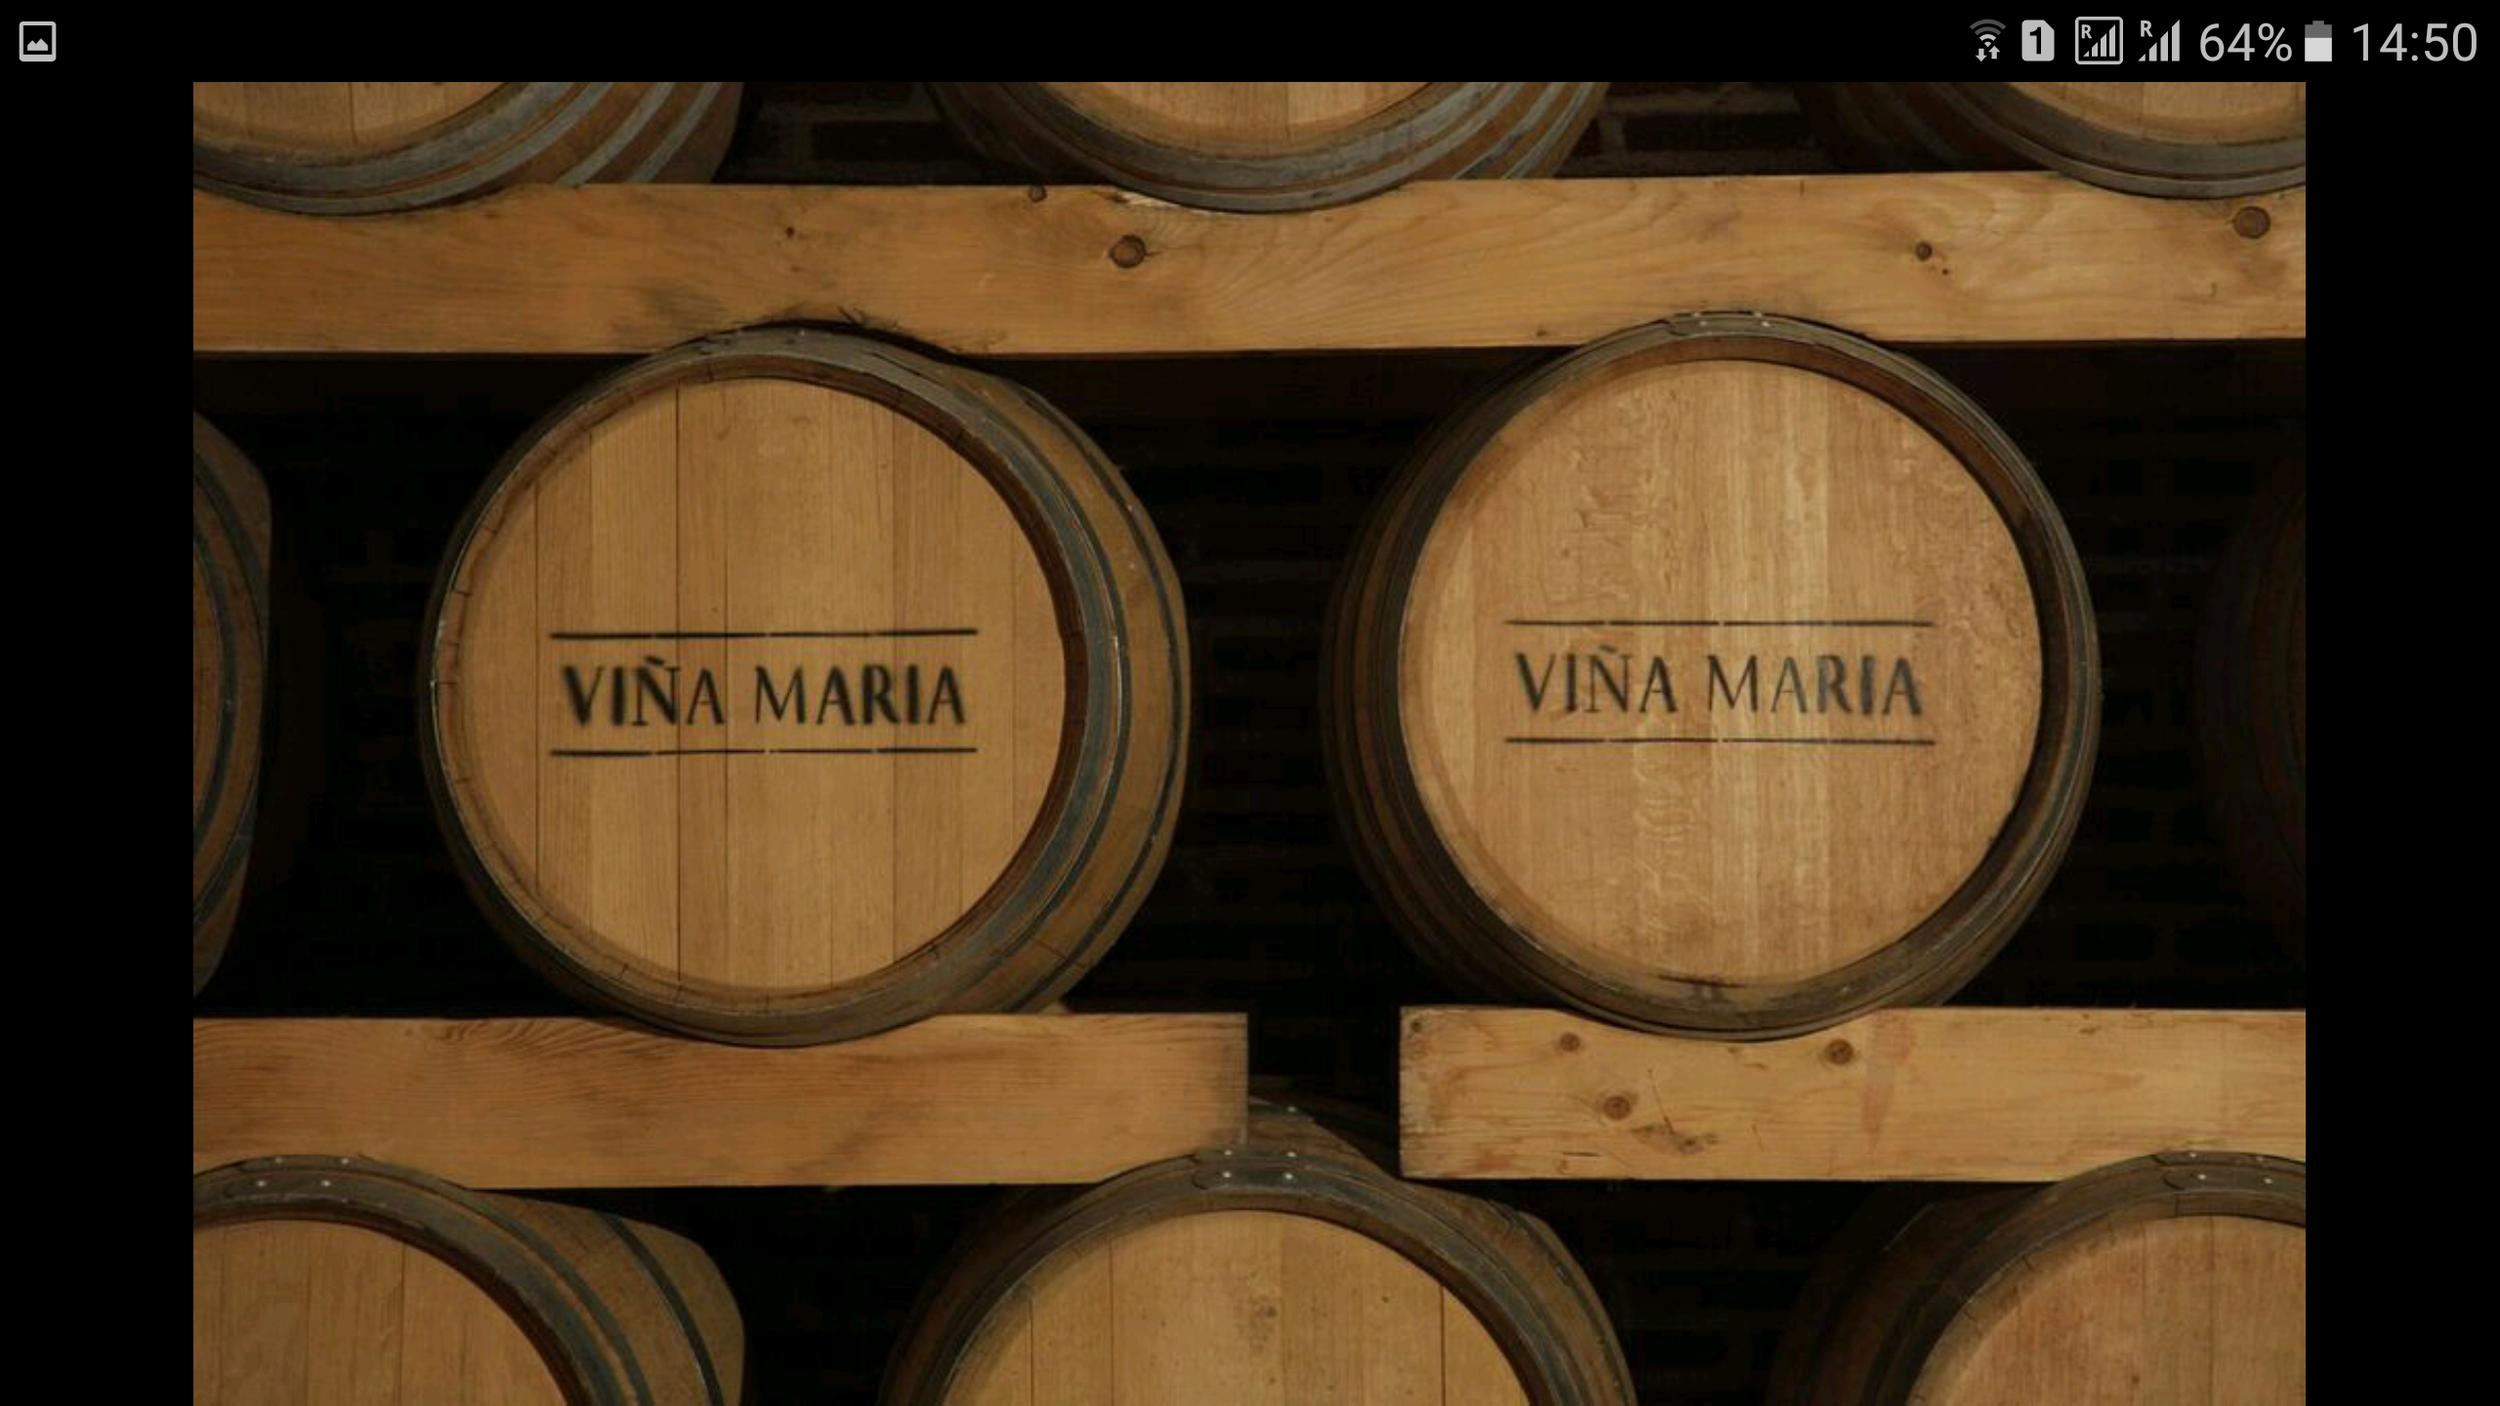 VINA-MARIA-WINERY (3).png